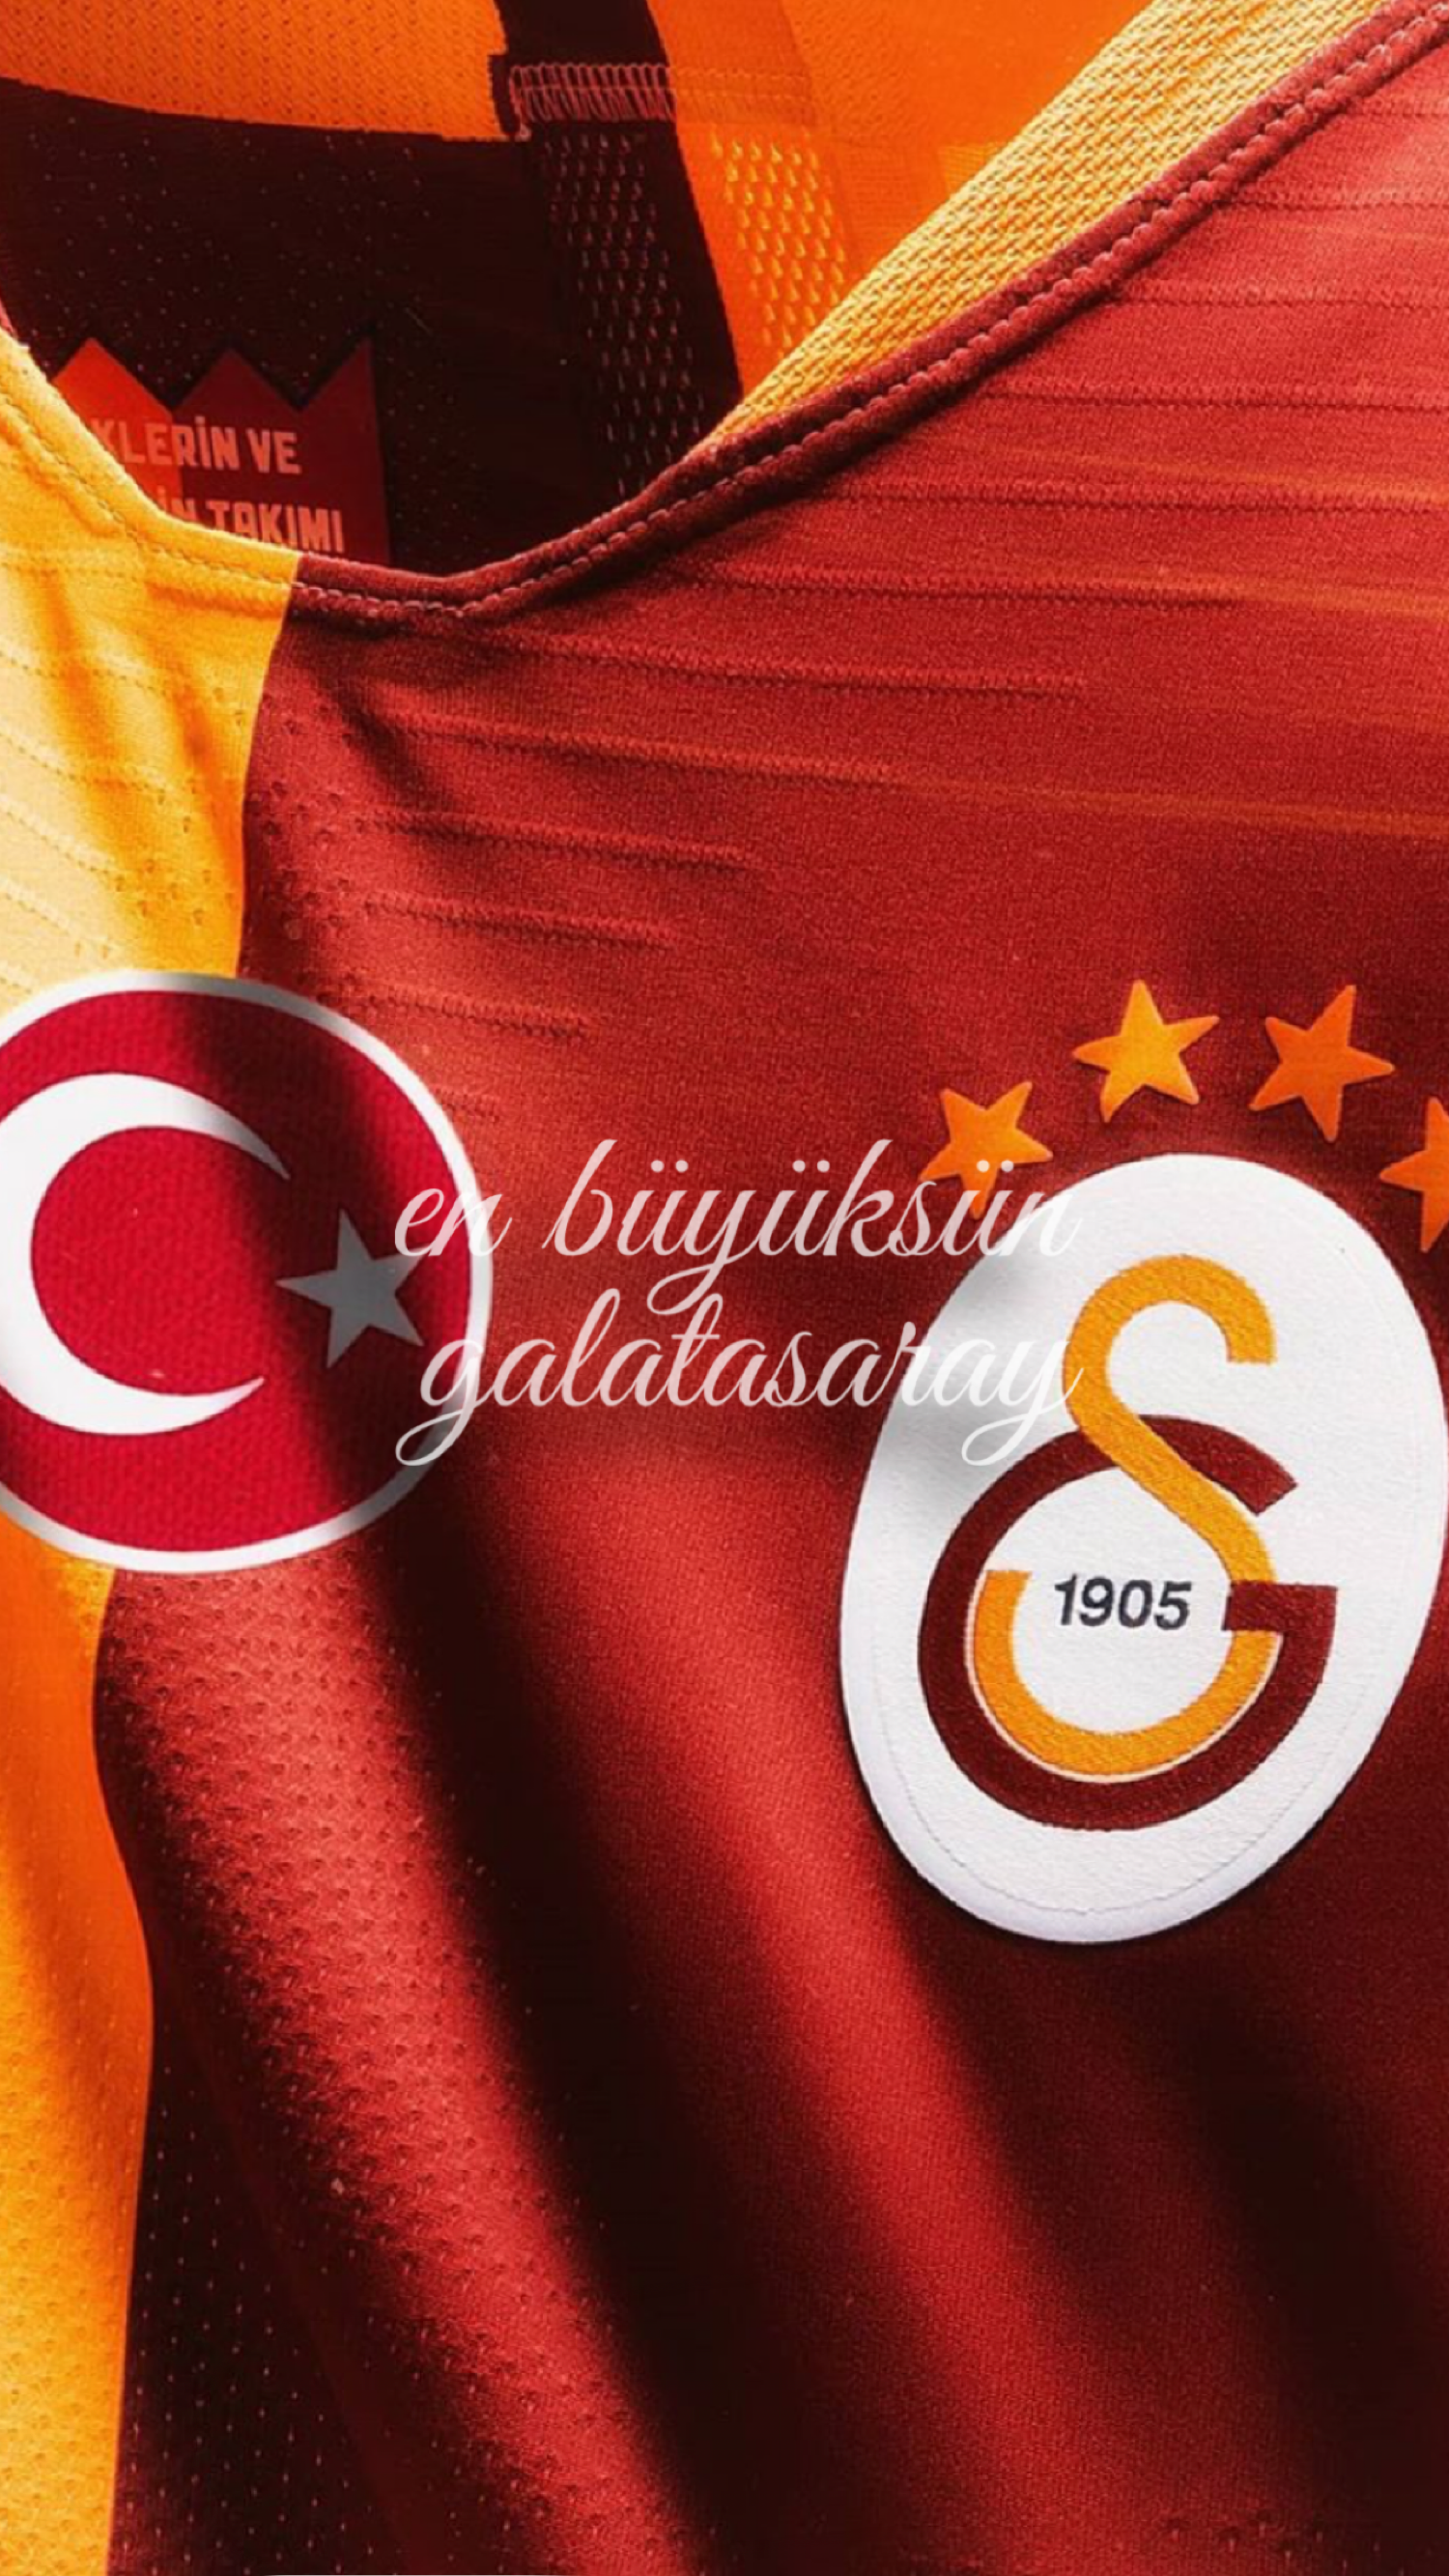 Beyza Adli Kullanicinin Galatasaray Panosundaki Pin Duvar Kagitlari Duvar Kagidi Hentbol